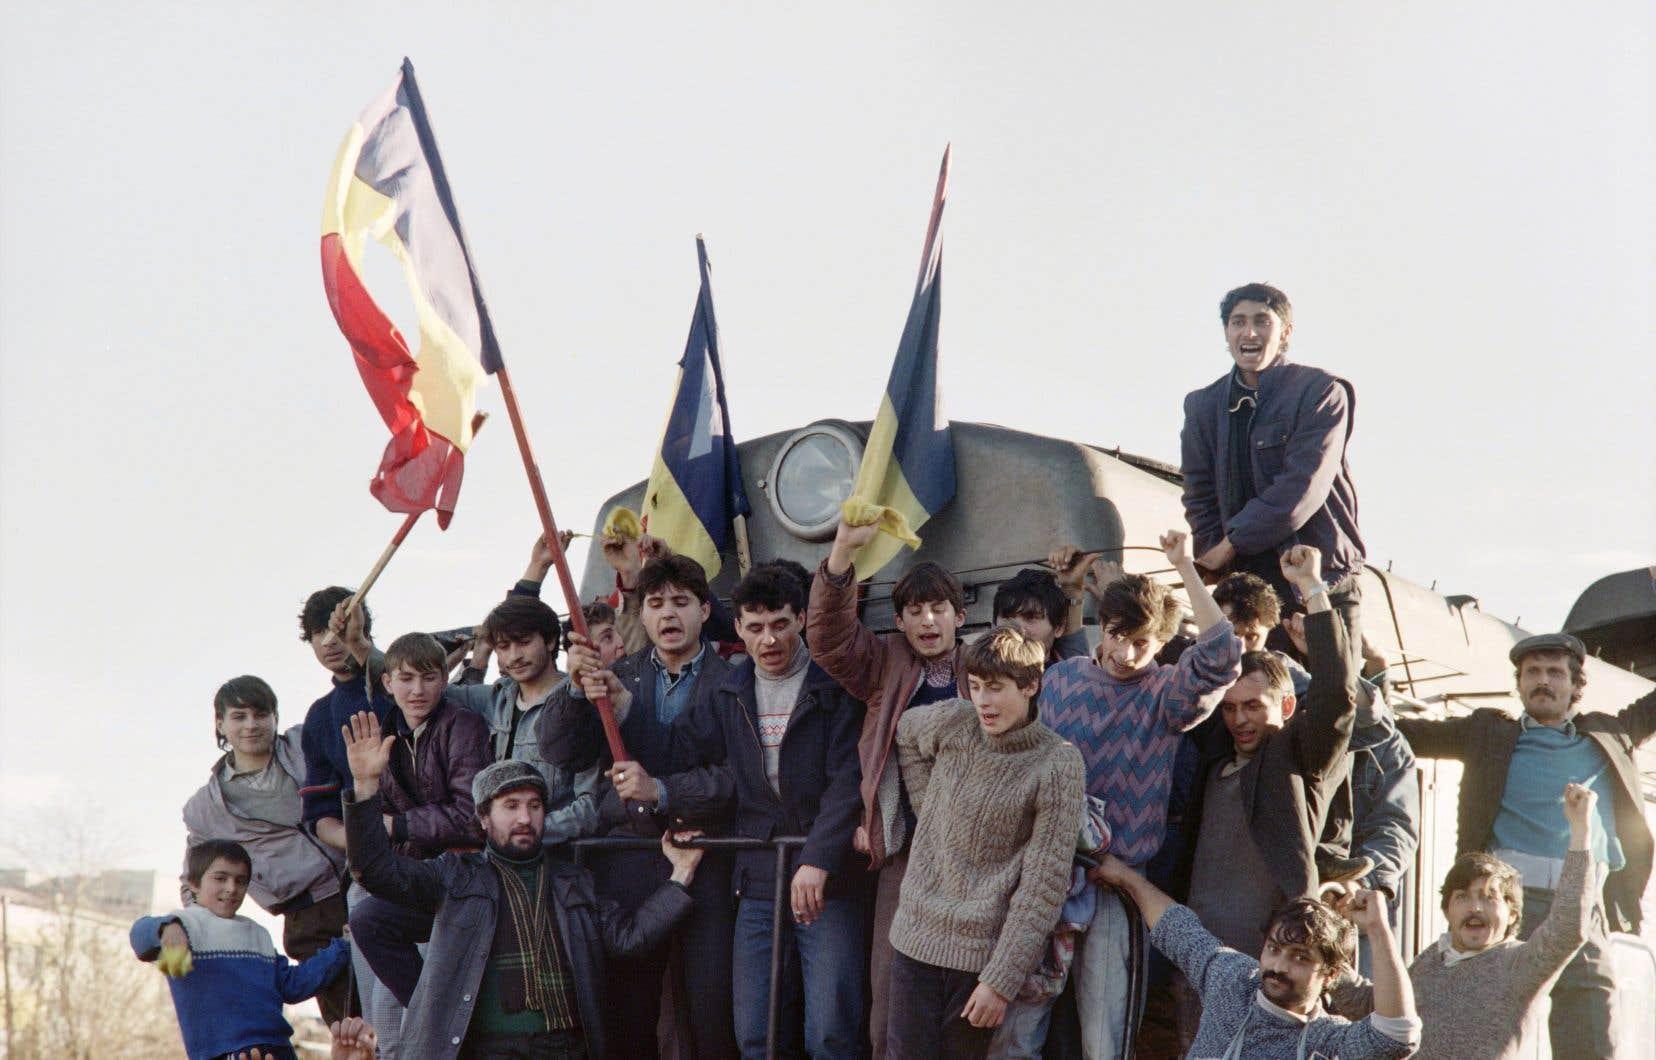 22 décembre 1989. Des Roumains célèbrent à Oravita la chute du dictateur Nicolae Ceausescu.